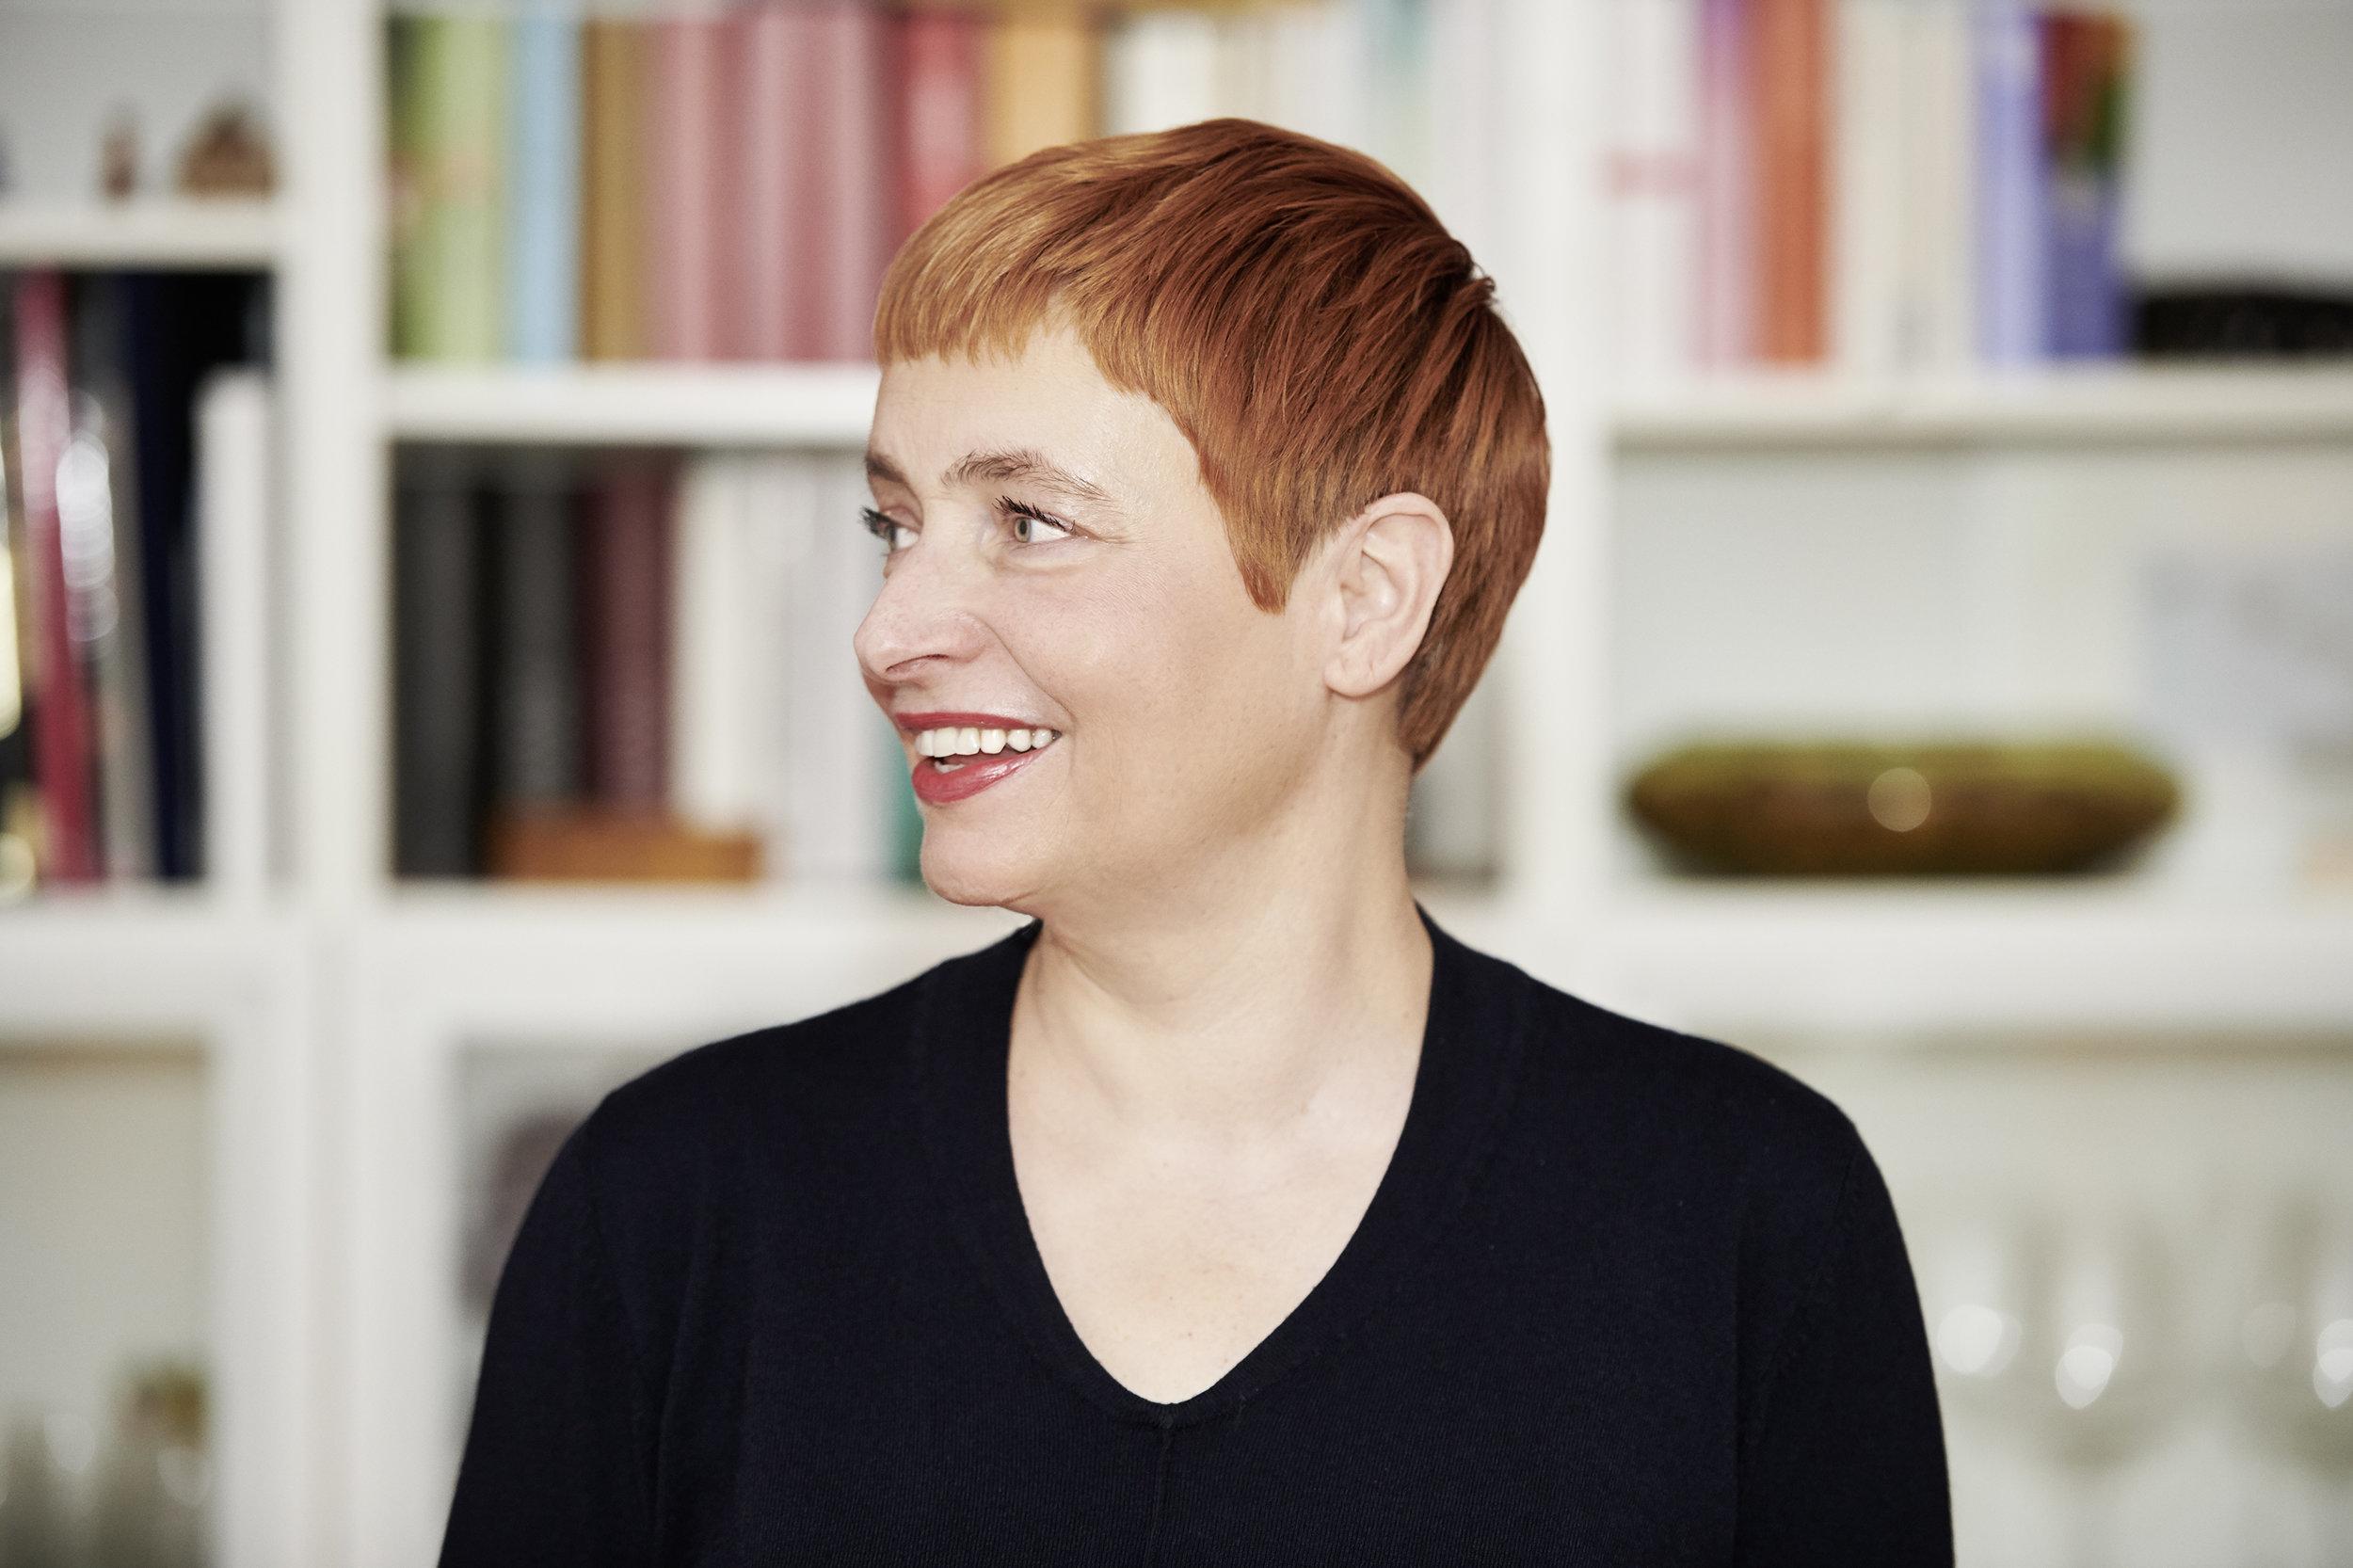 Kerstin Obuch - Geboren 1965 in Weimar, Coach seit 2007.